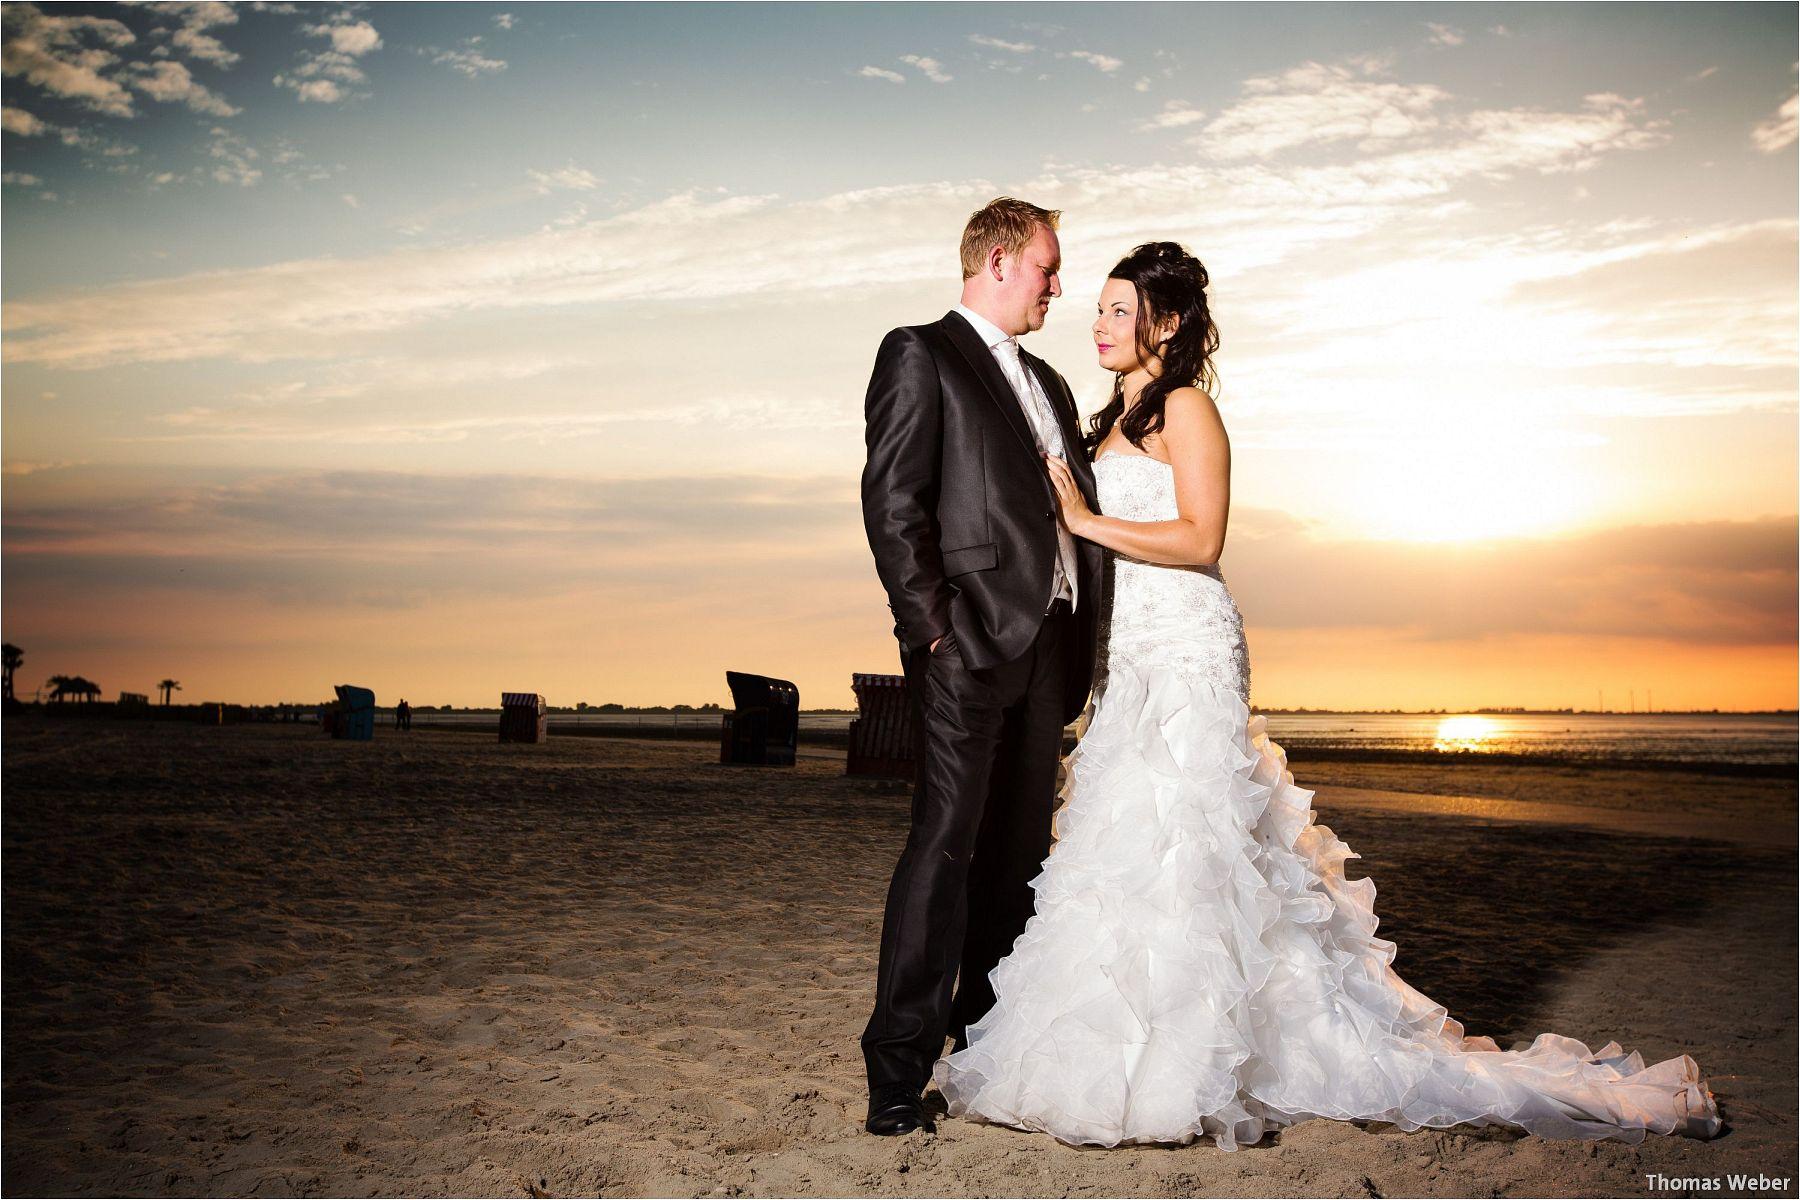 Hochzeitsfotograf Oldenburg: Hochzeitsportraits bei einem After Wedding Shooting am Nordsee-Strand von Dangast/Varel bei Sonnenuntergang (11)